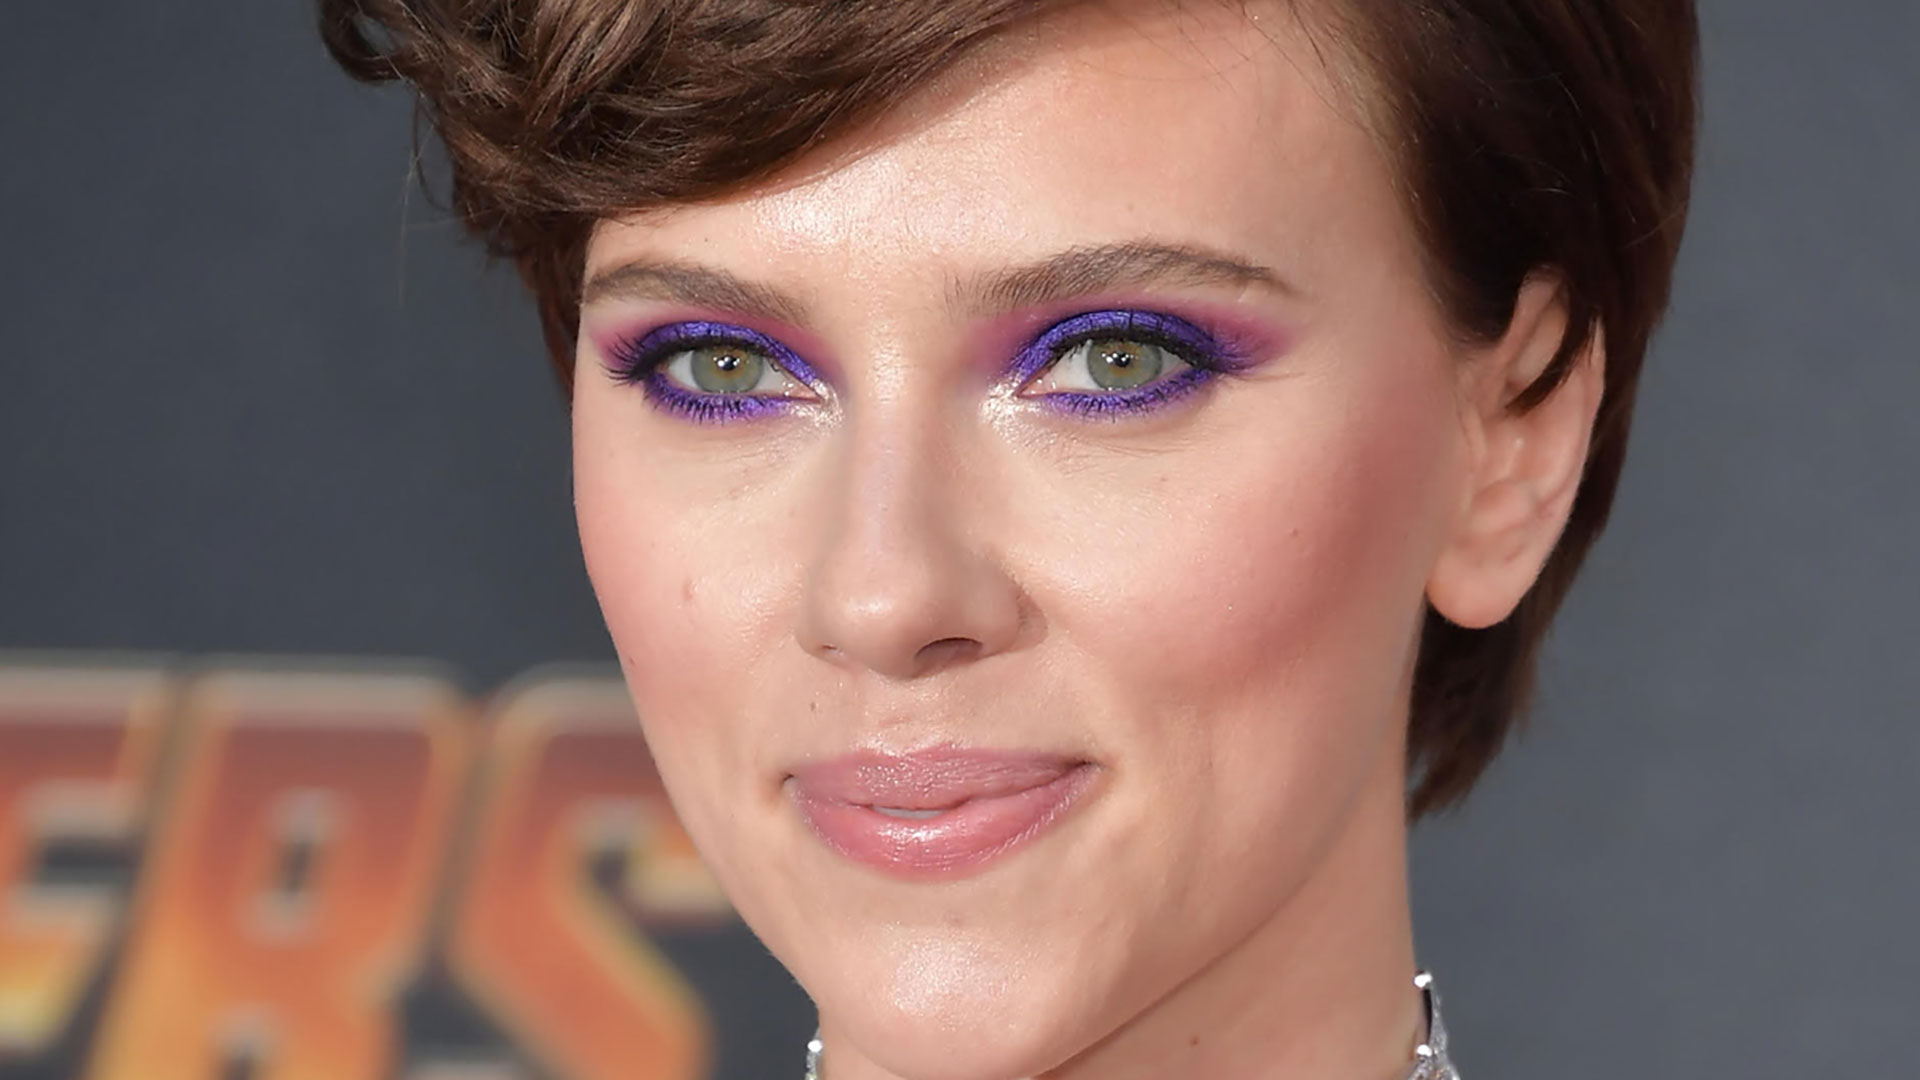 Hai gli occhi castani? Ecco quale matita abbinare al colore dell'iride: matita viola